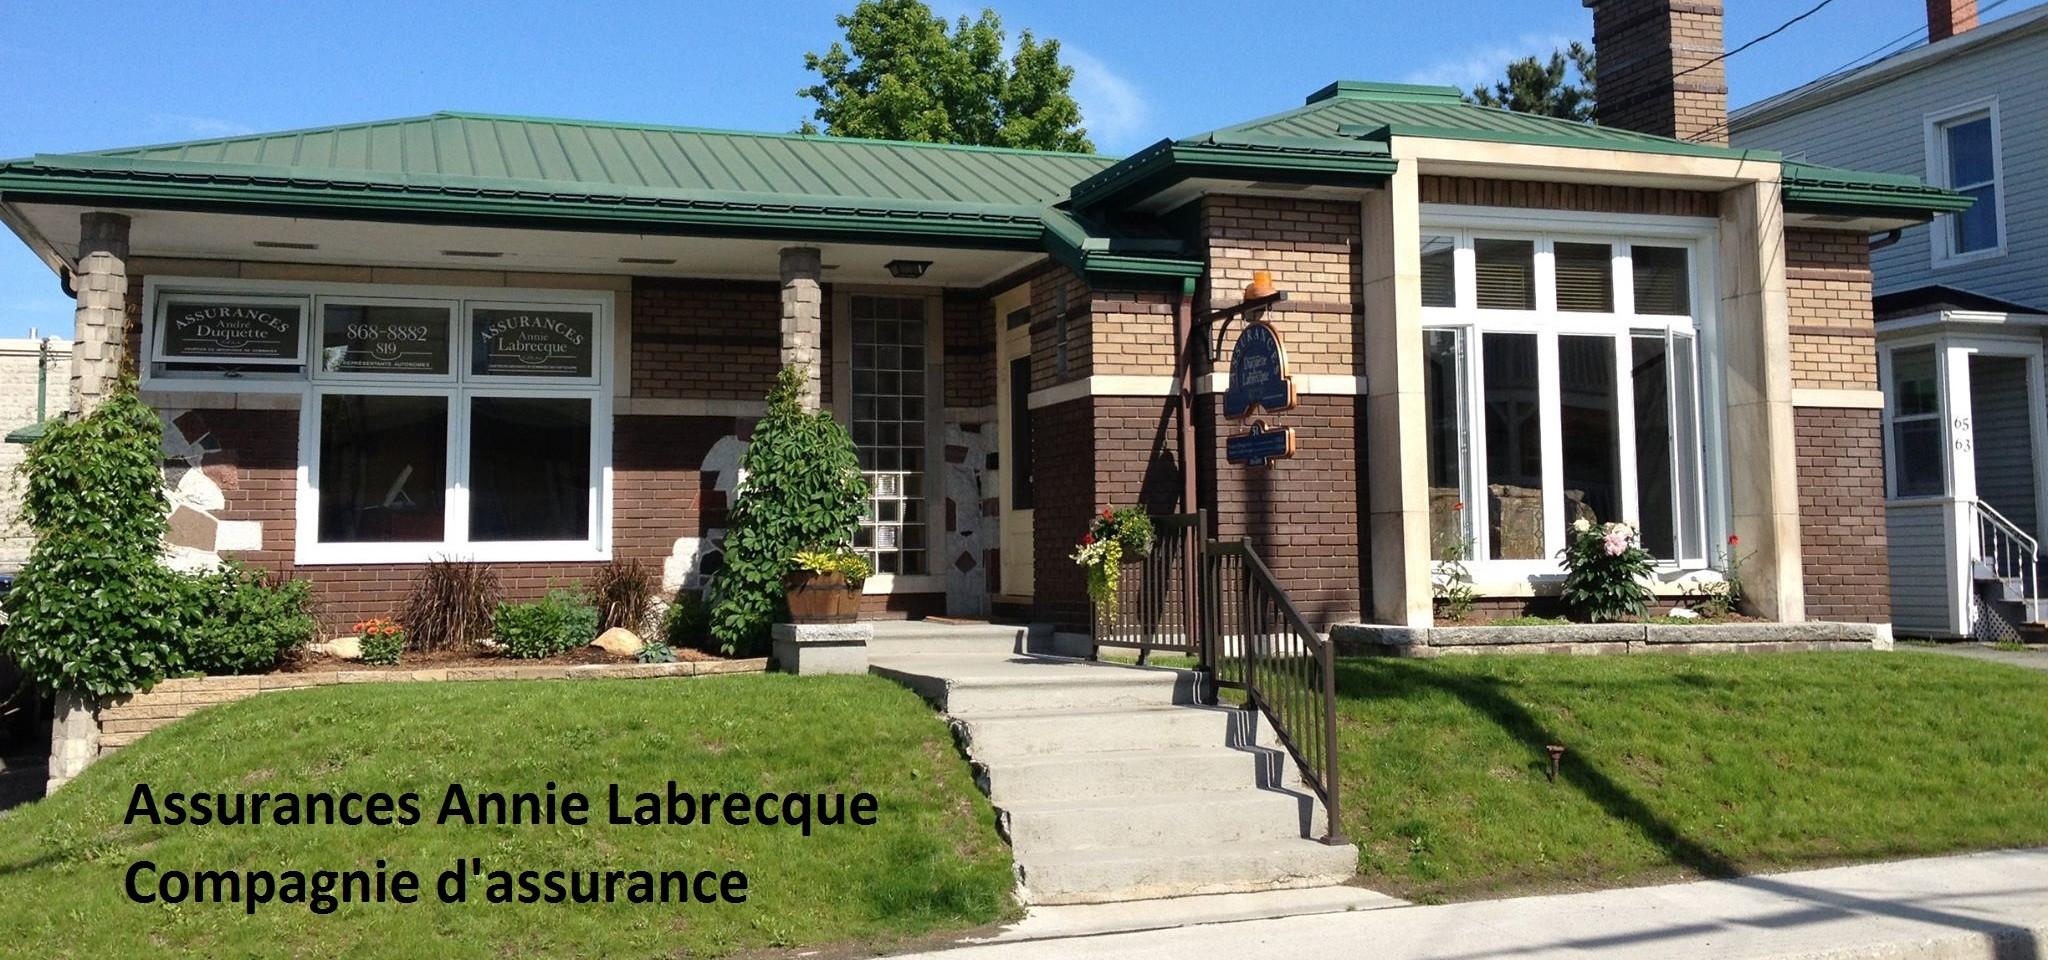 Assurances annie labrecque ma maison my home for Assurance auto maison